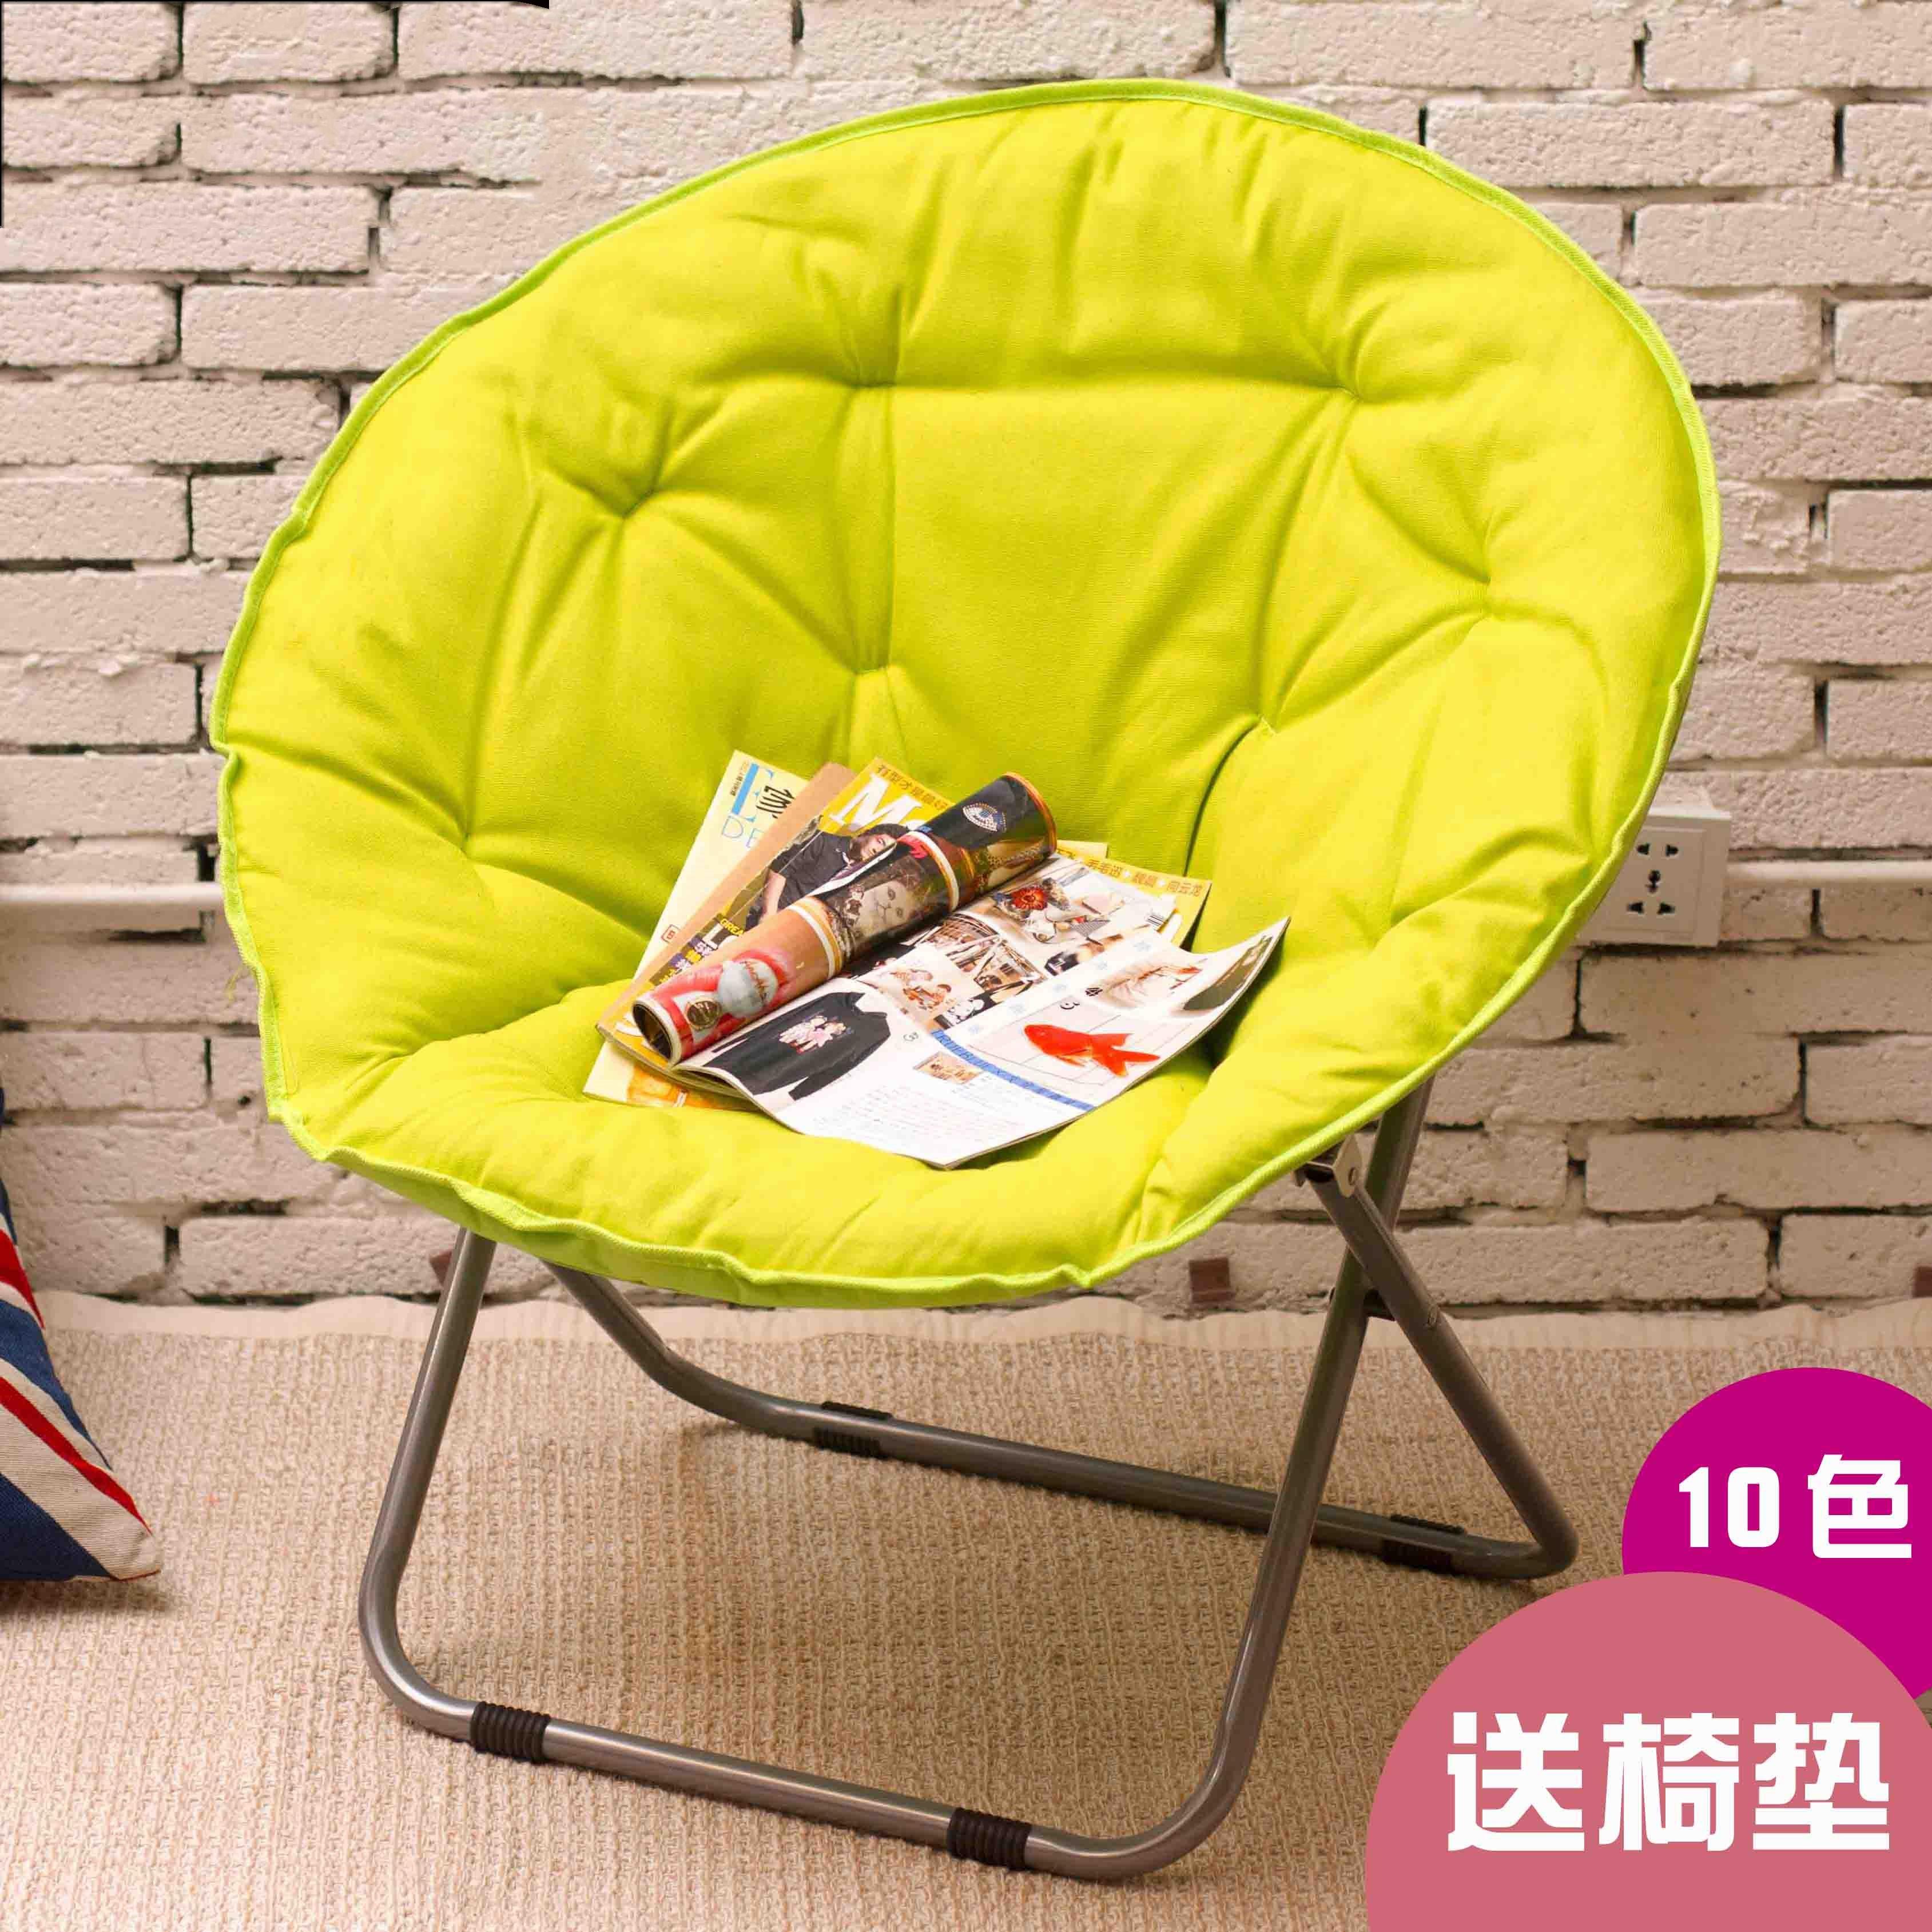 老人椅折叠椅椅子拆卸小型便携式凳子卧椅花边中老年夏季睡椅